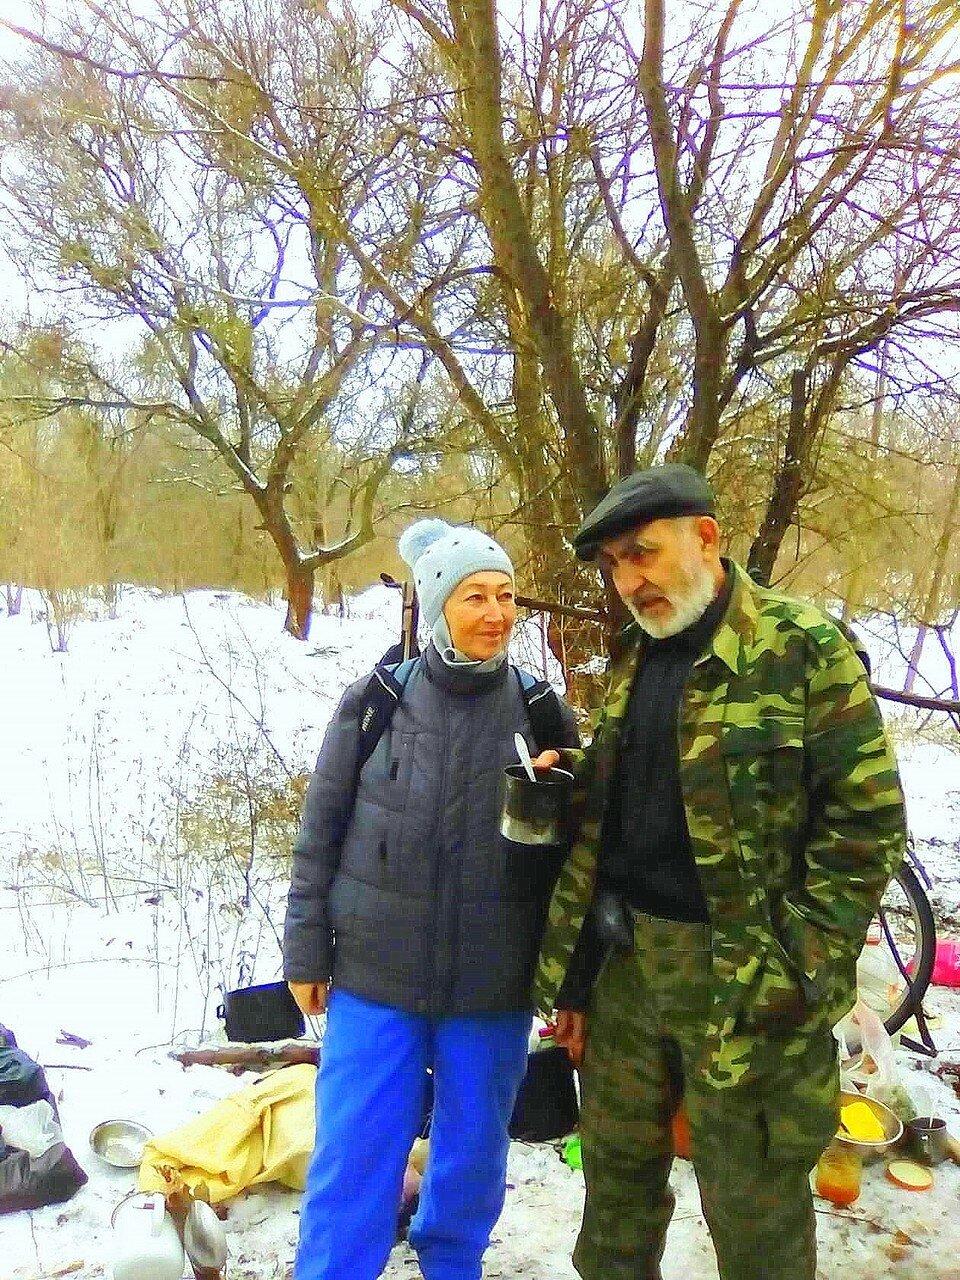 Фото В.Лана. 31.12.16. Туристы провожают Старый, встречают Новый год (1).jpg